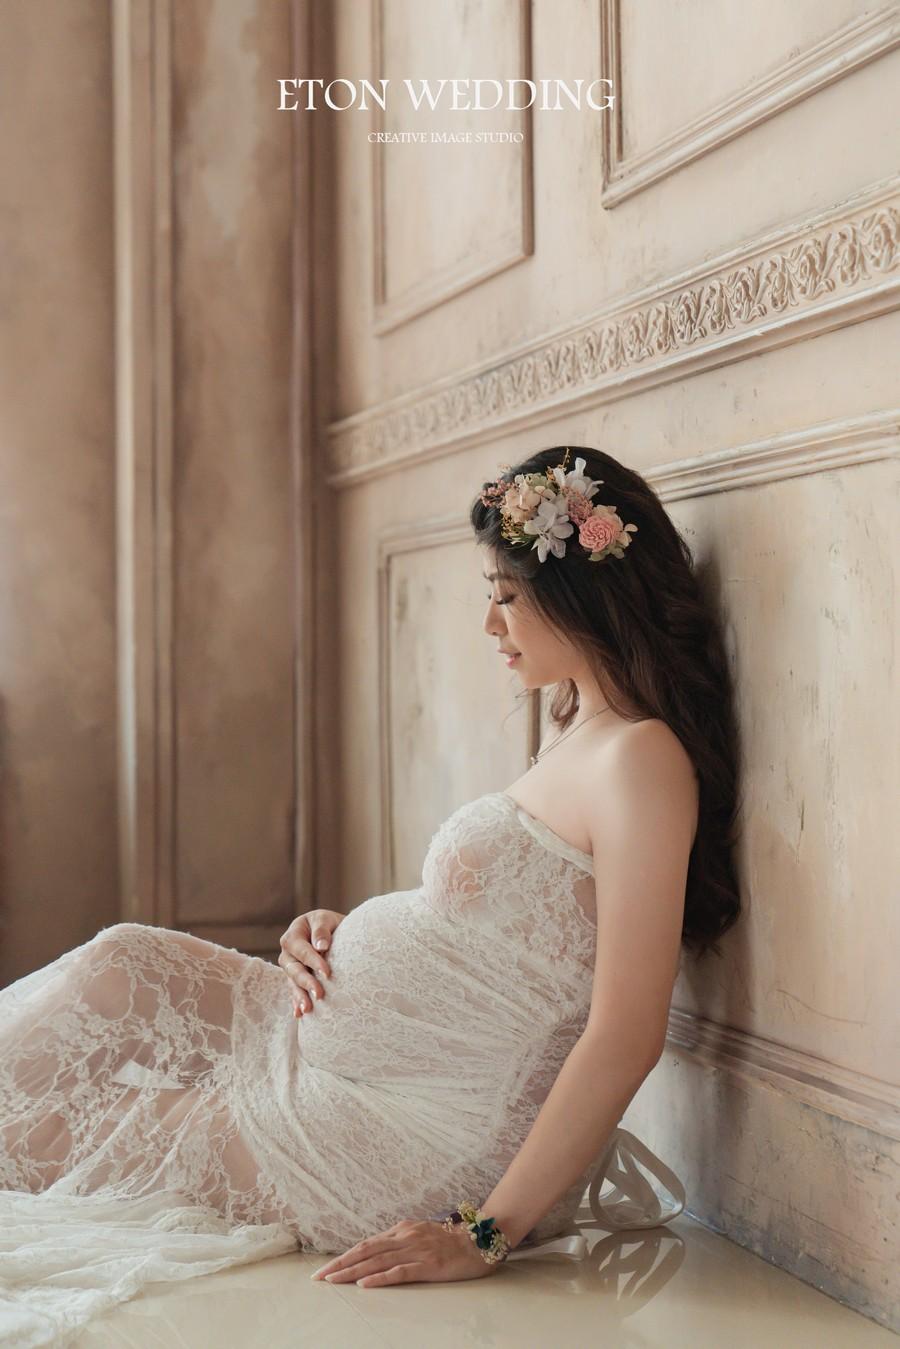 孕婦照,孕婦寫真,孕媽咪攝影,孕婦攝影,孕婦照推薦,孕婦寫真推薦,孕婦寫真價格,拍孕婦照,孕婦裝